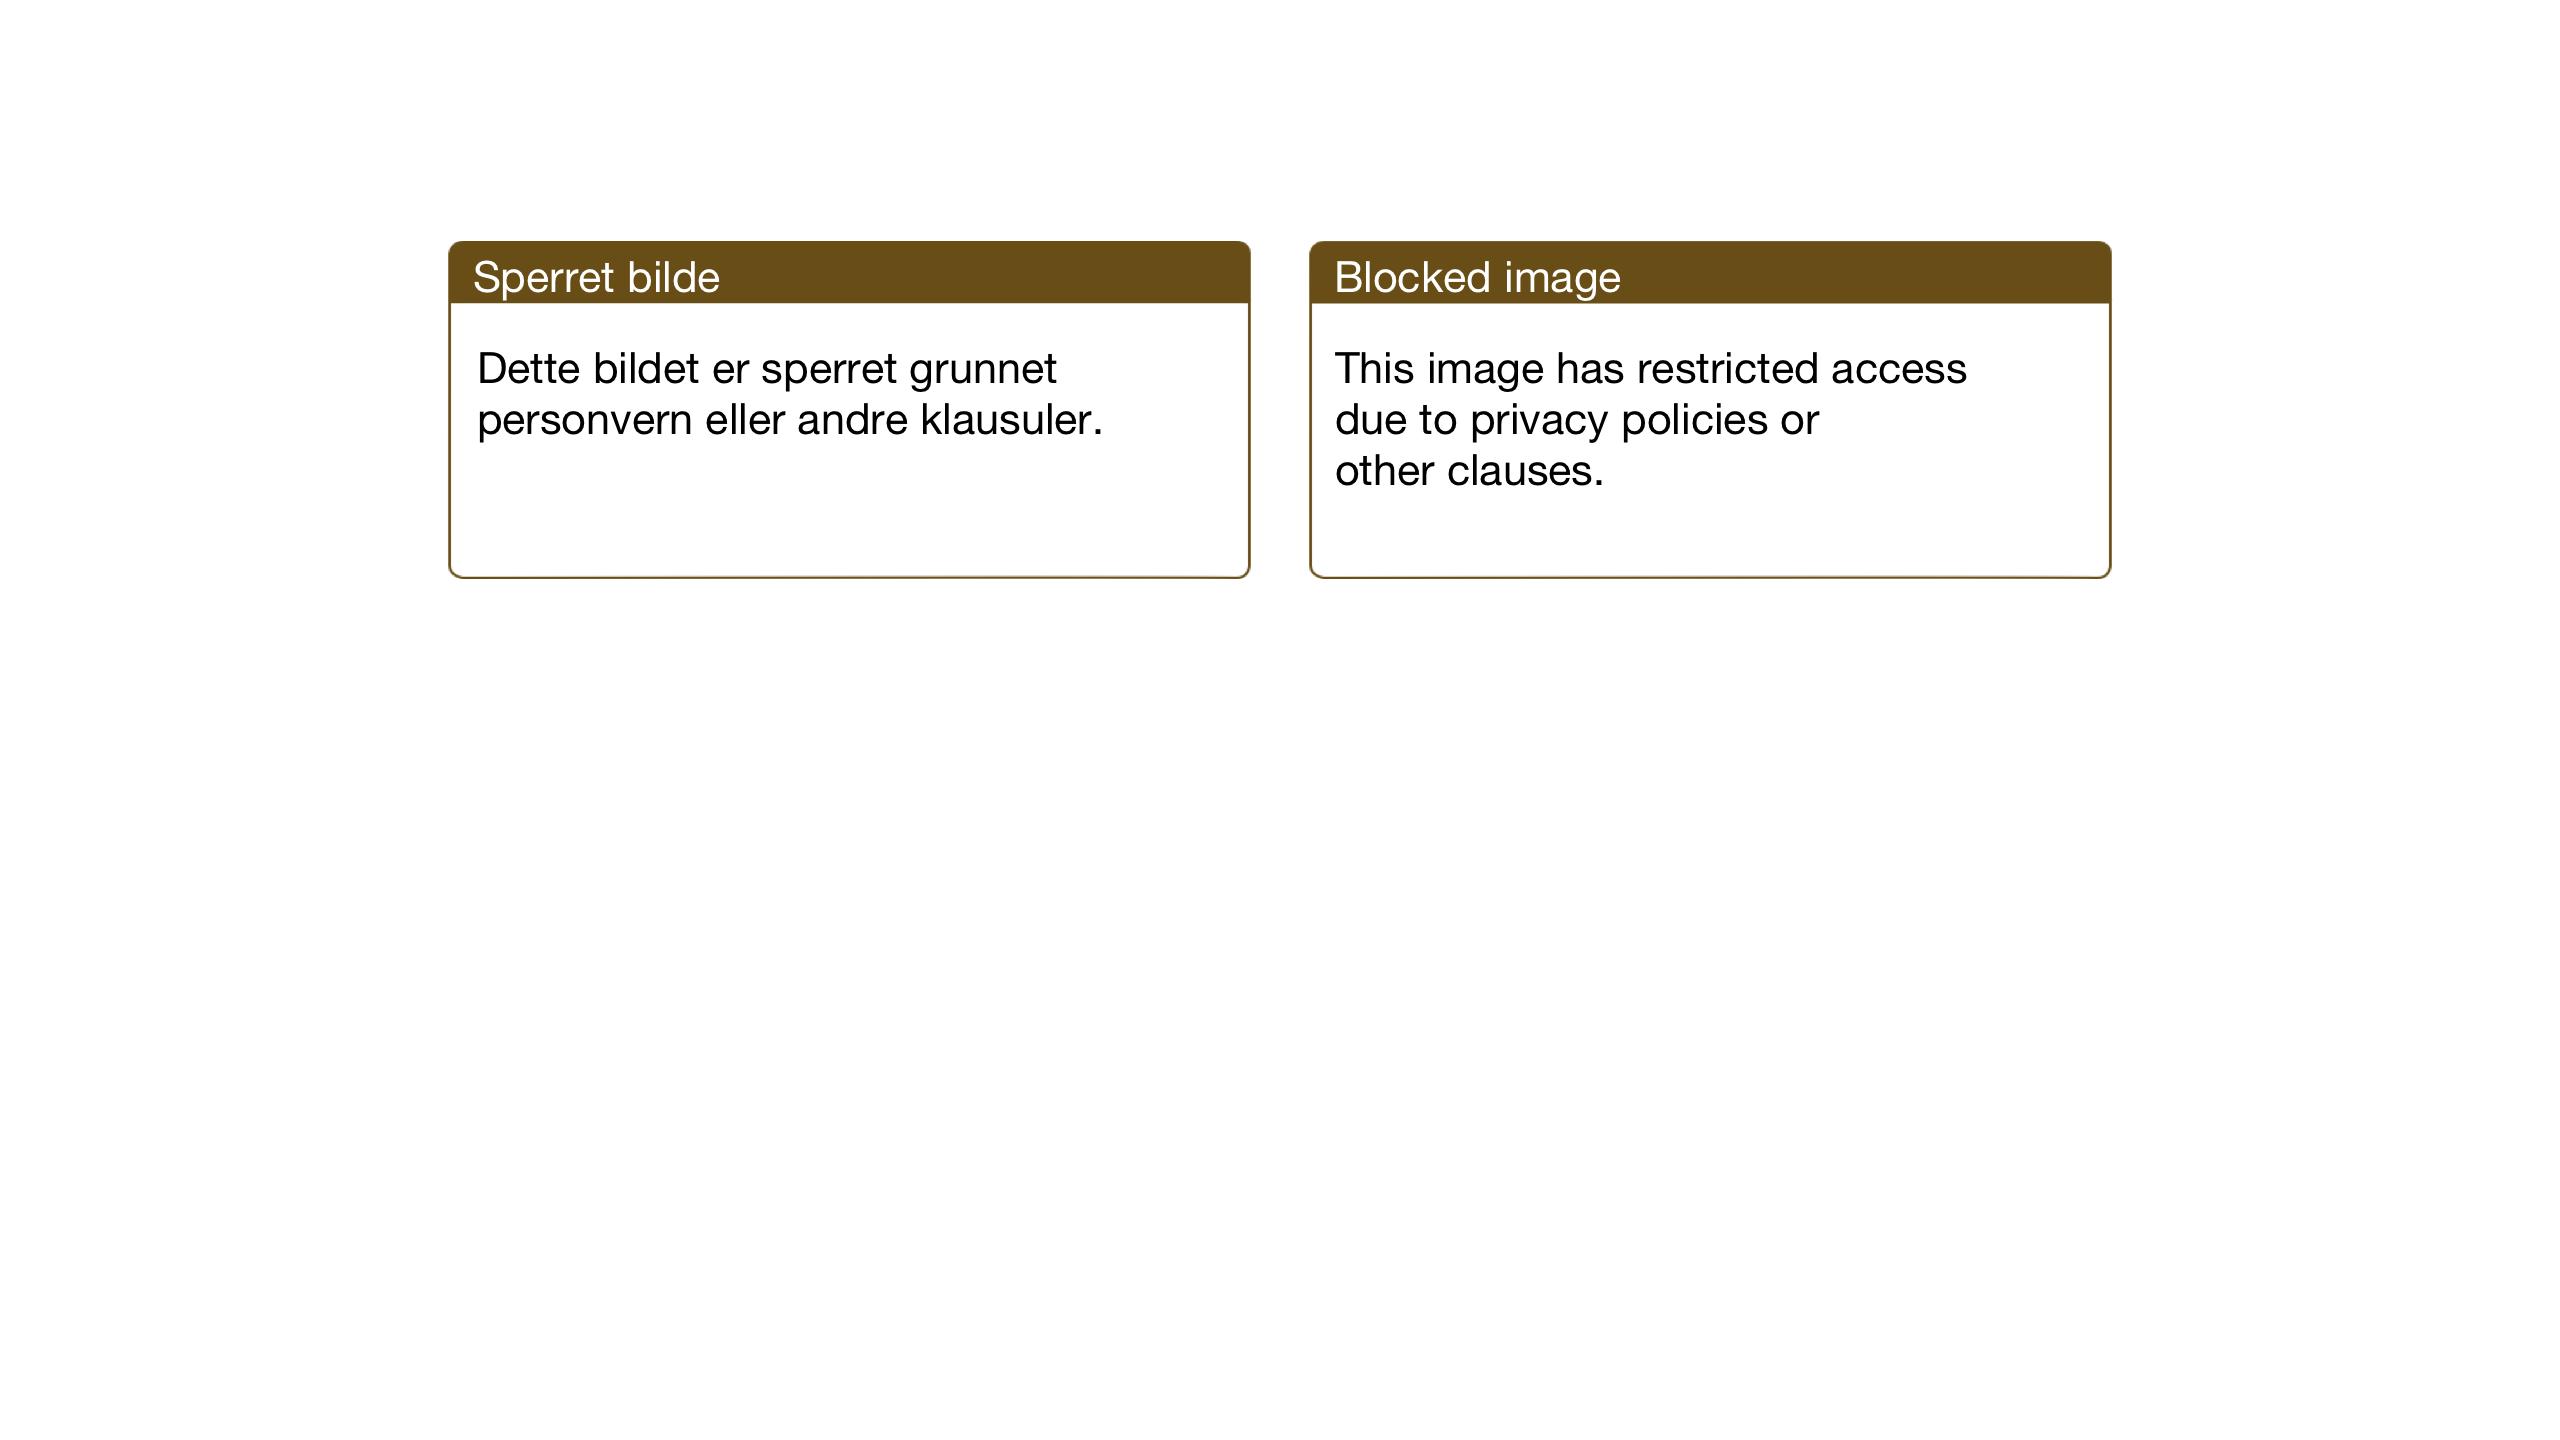 SAT, Ministerialprotokoller, klokkerbøker og fødselsregistre - Sør-Trøndelag, 635/L0556: Klokkerbok nr. 635C04, 1943-1945, s. 8